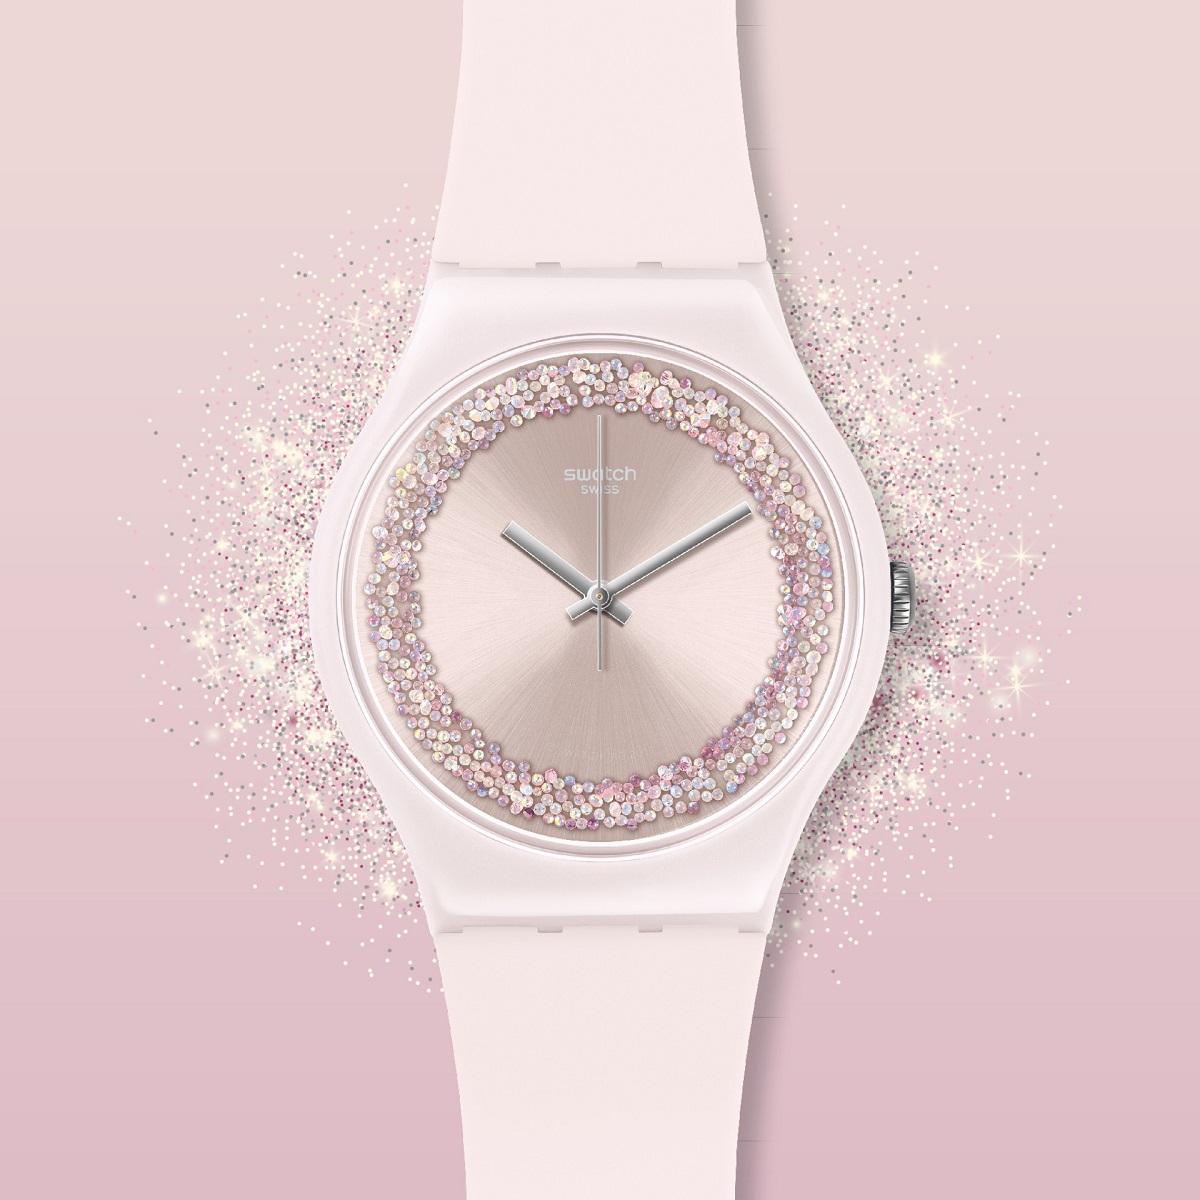 Đồng hồ nữ Swatch Pinksparkles Suop110 ra mắt năm 2018, thuộc bộ sưu tập Originals Collection, nổi bật với tông hồng pastel cùng viền đá pha lê lấp lánh mỗi khi có ánh sáng chiếu vào. Bao bọc bên ngoài bộ máy Swiss Quartz là vỏ plastic, kết hợp với dây đeo silicon màu trắng. Mẫu đồng hồ này luôn nằm trong top những sản phẩm bán chạy, được chị em ưa chuộng tại Galle Watch.